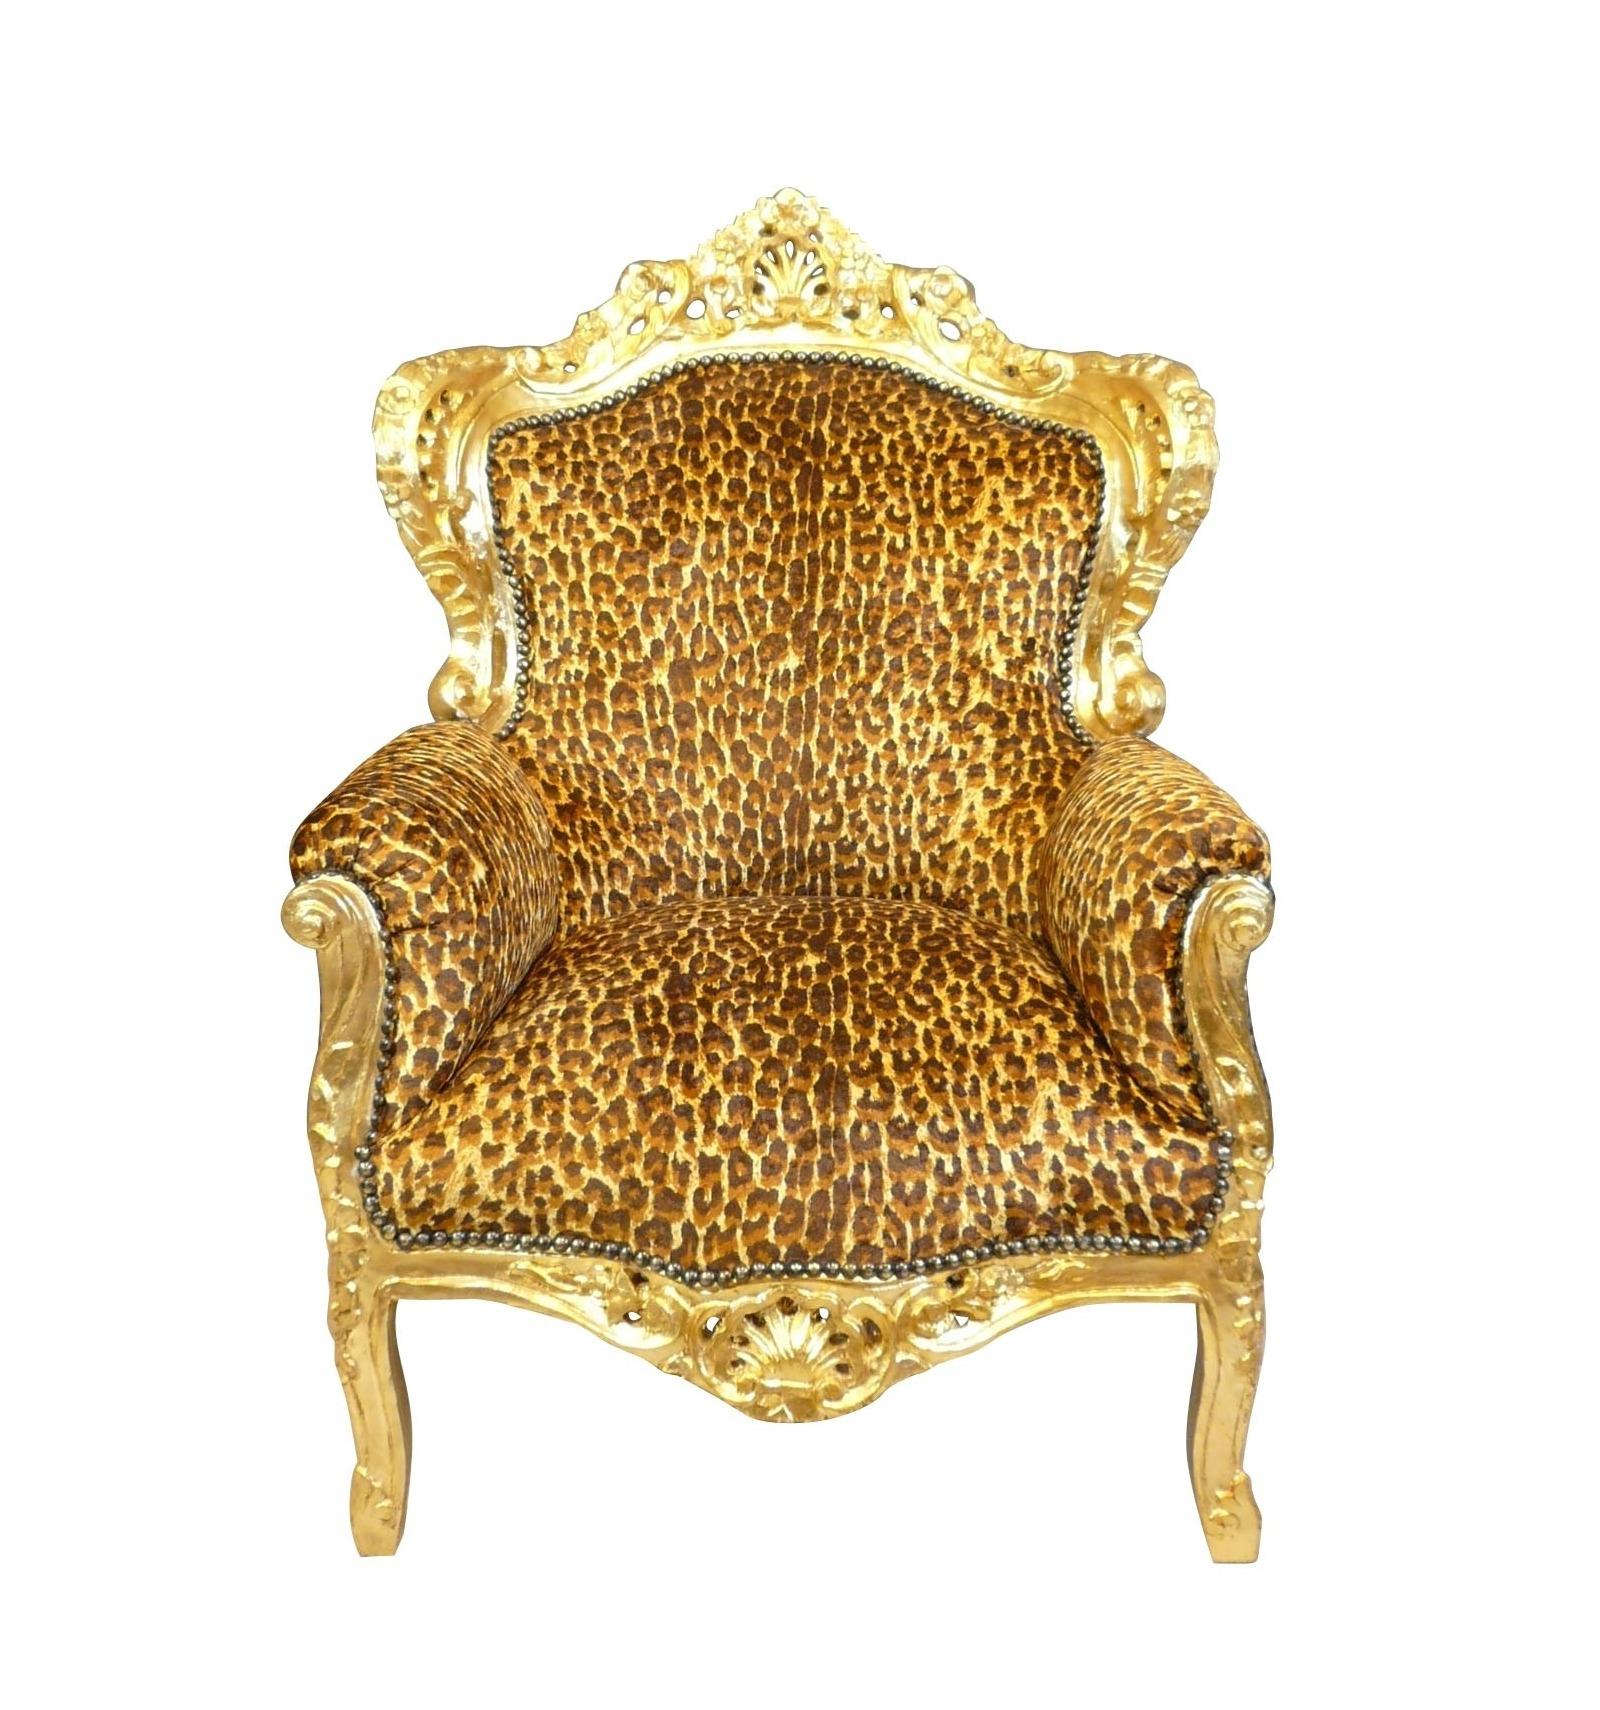 Barock Leopard Sessel Tisch Kommode Stuhl und Stilmöbel